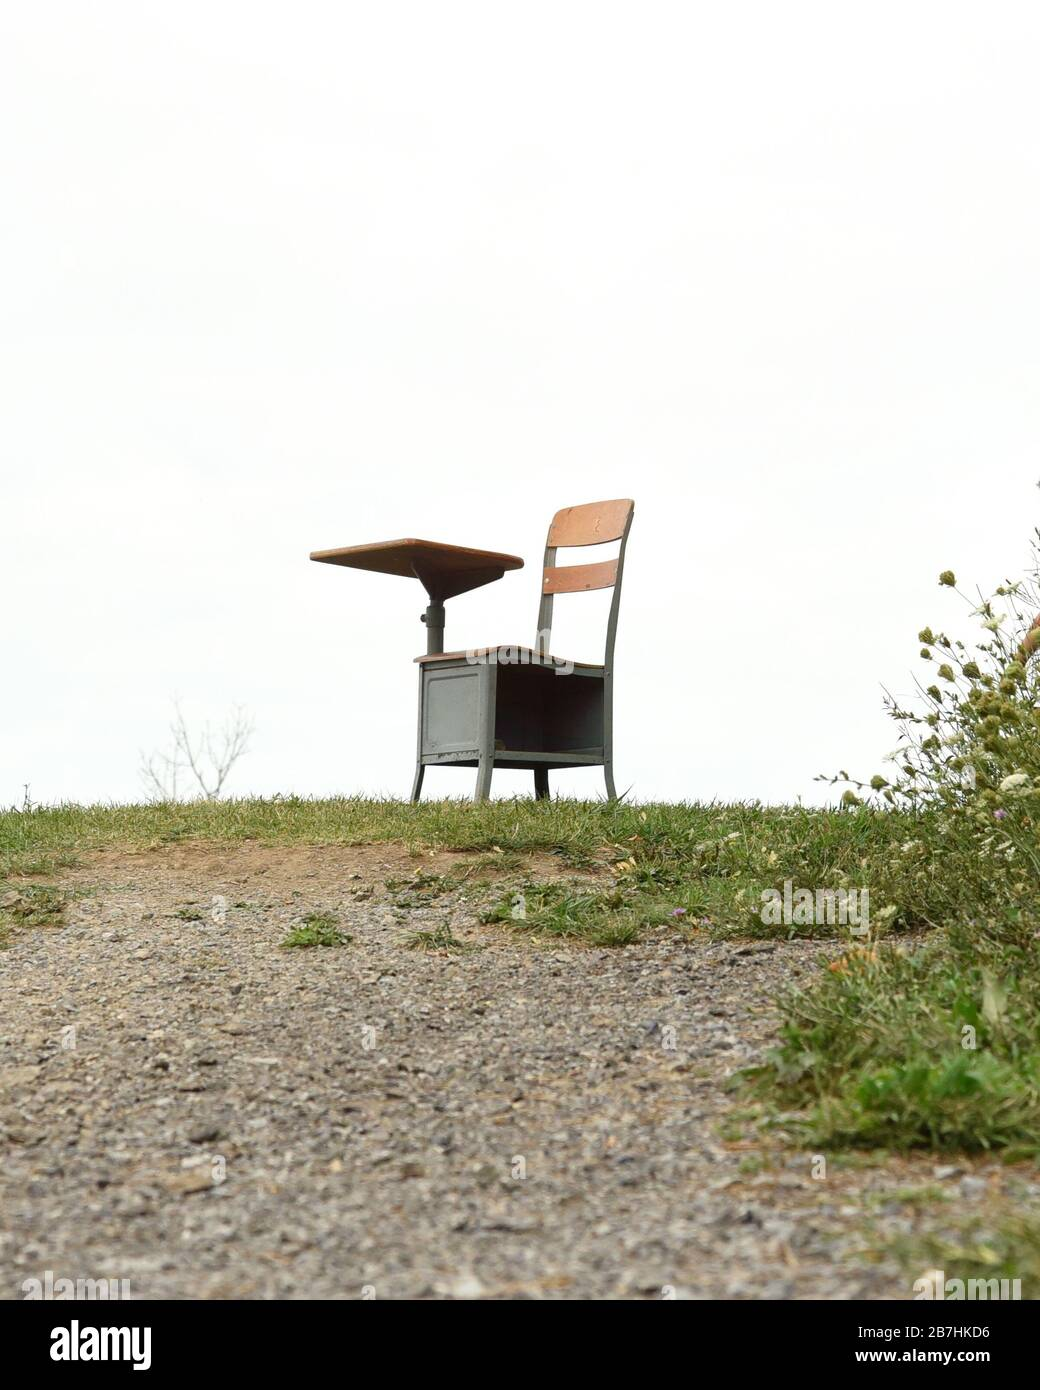 Un niño pequeño está saltando en felicidad afuera con un escritorio y un libro. Utilícelo para un concepto de regreso a la escuela, educación o éxito. Foto de stock